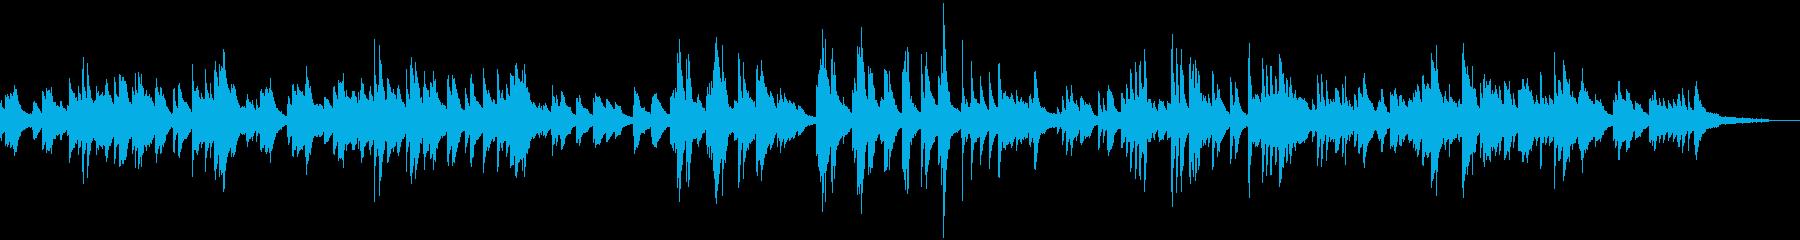 星空のイメージのピアノバラードの再生済みの波形